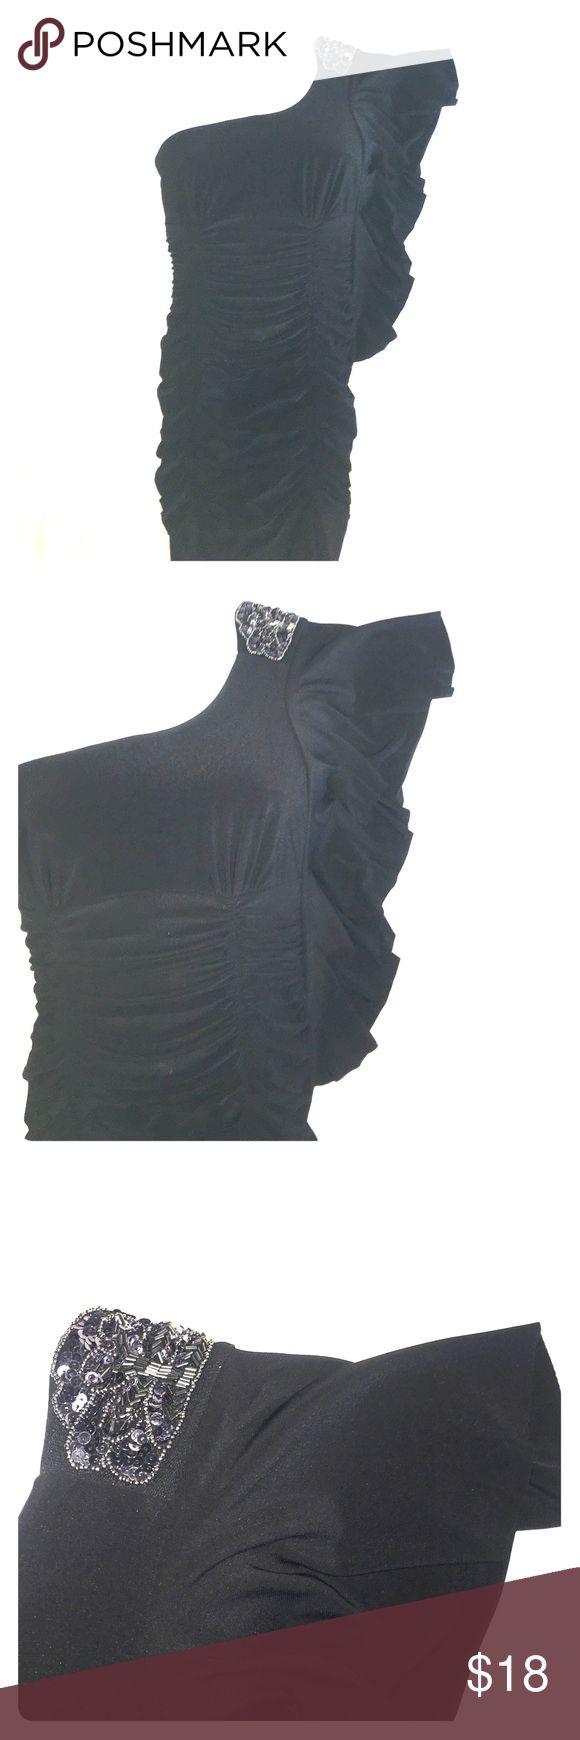 Little Black Dress One shoulder, embellished little black dress. Perfect for date night or homecoming! Taboo Dresses One Shoulder